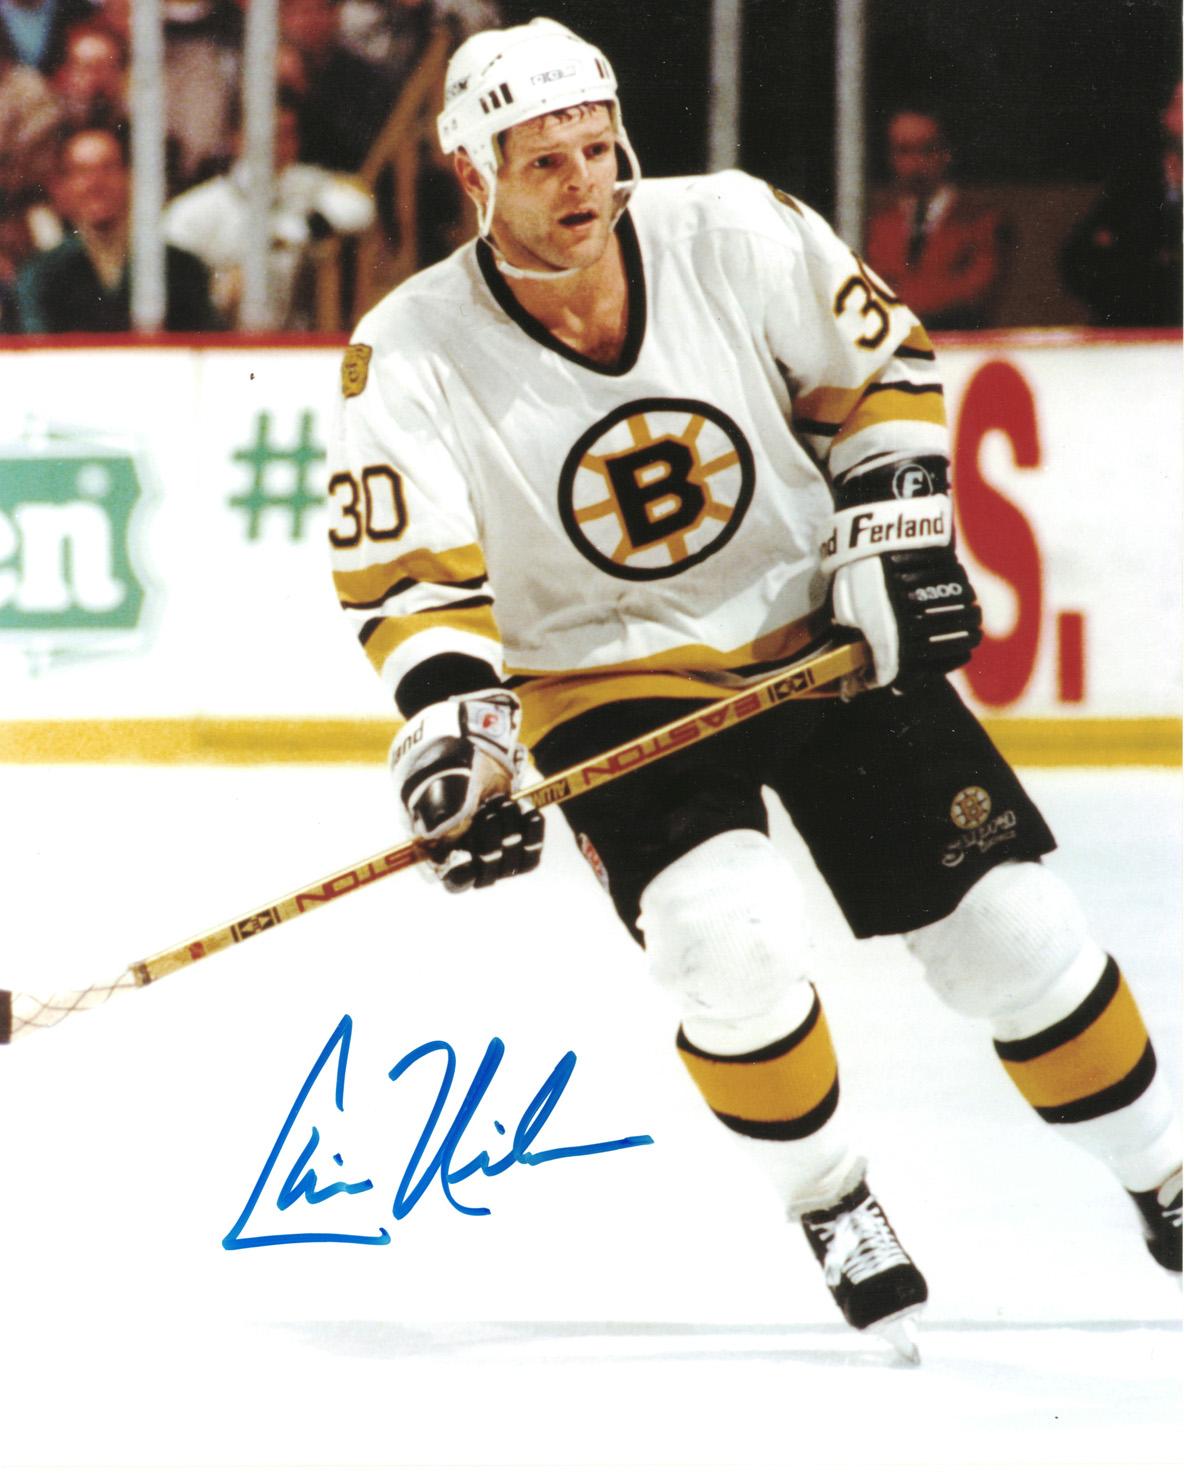 Chris Nilan autographed 8x10